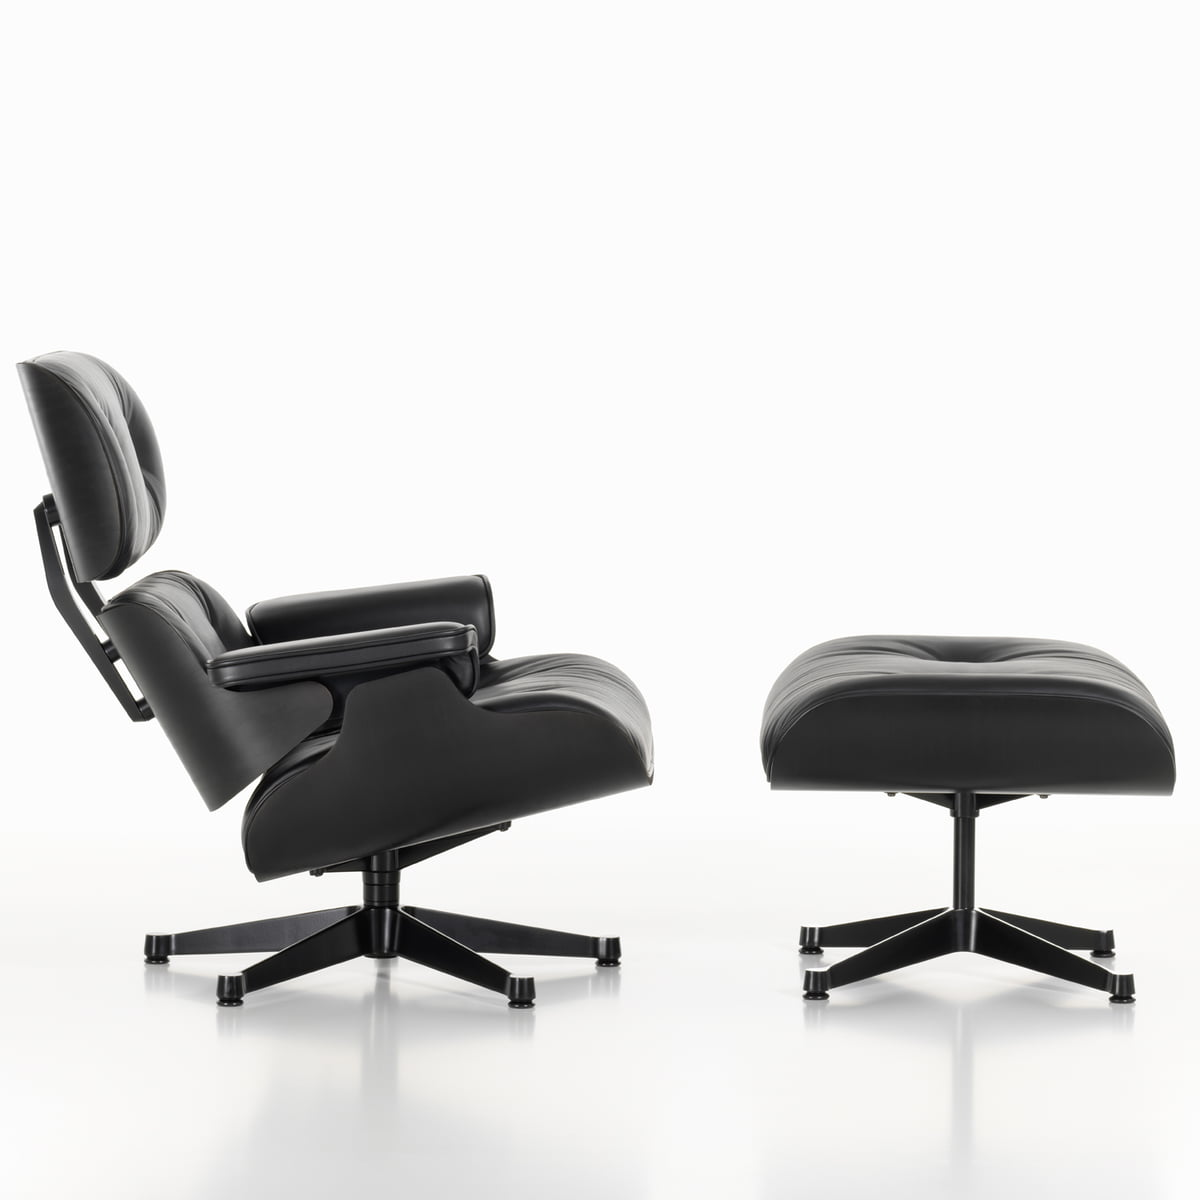 lounge chair ottoman in schwarzer esche. Black Bedroom Furniture Sets. Home Design Ideas